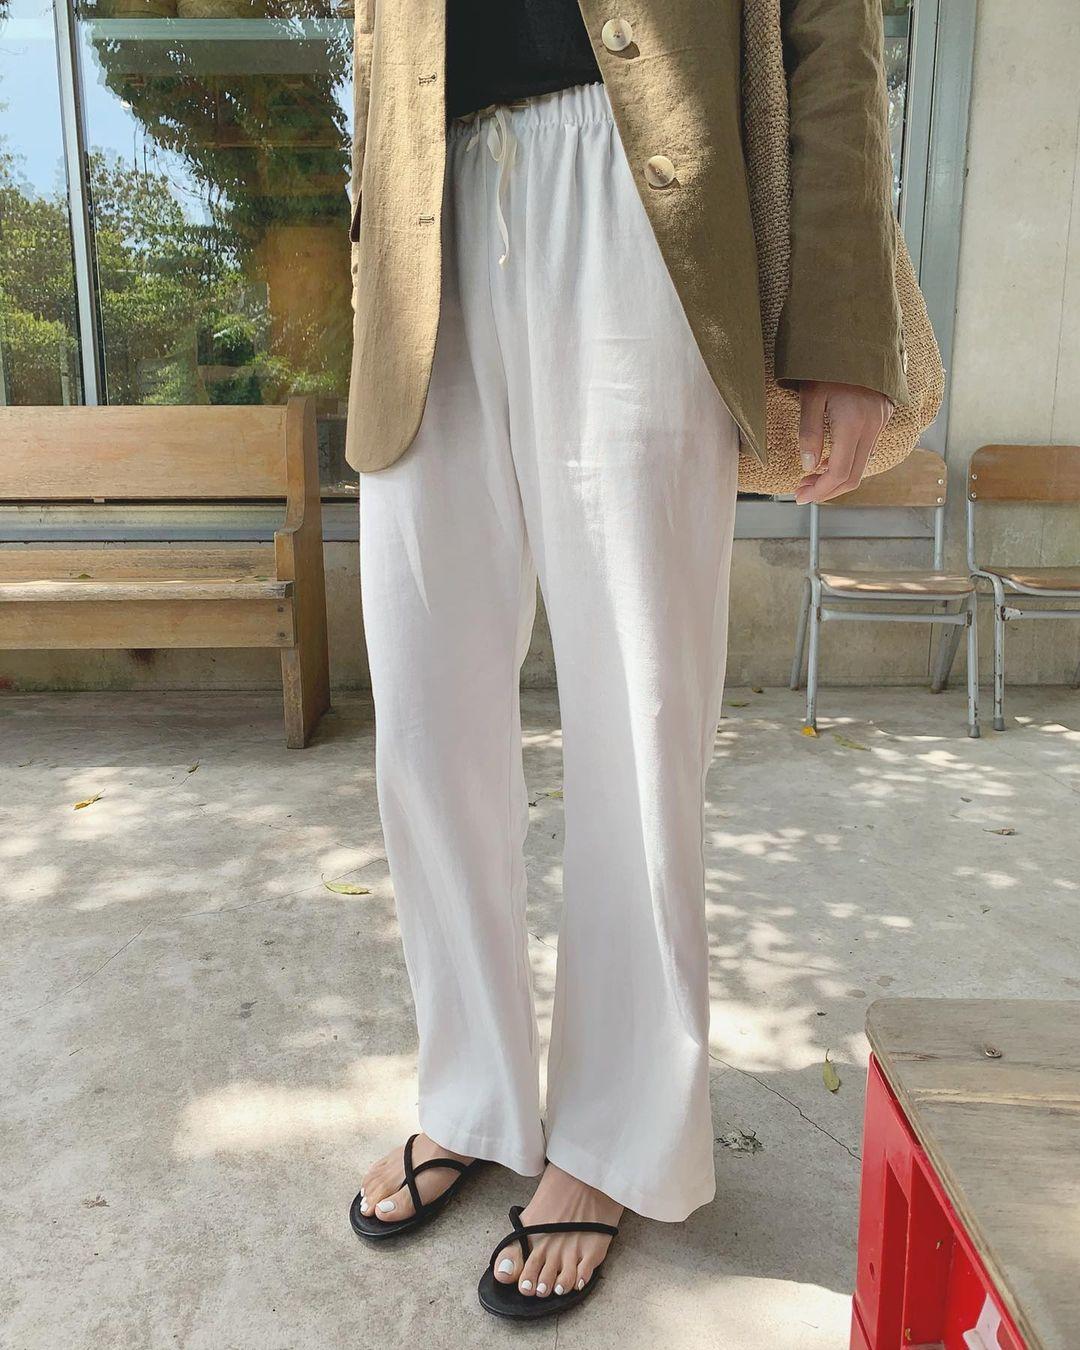 5 mẫu quần nhẹ mát đang được diện nhiều nhất lúc này: Bạn sắm hết là vô cùng sáng suốt - Ảnh 4